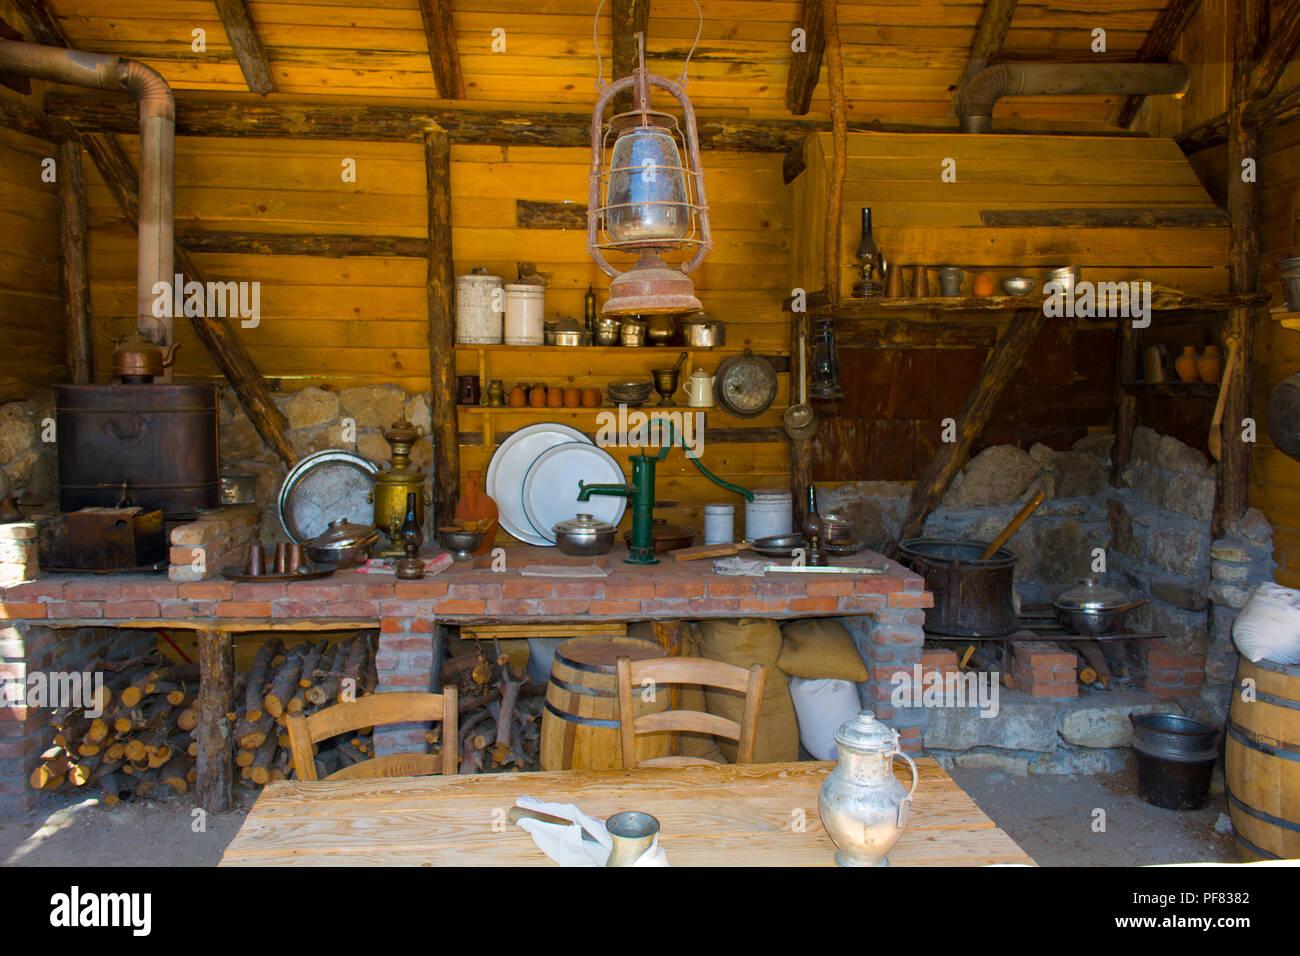 Alte Zeiten Bauernhaus Inneneinrichtung Eines Alten Landhaus Mit